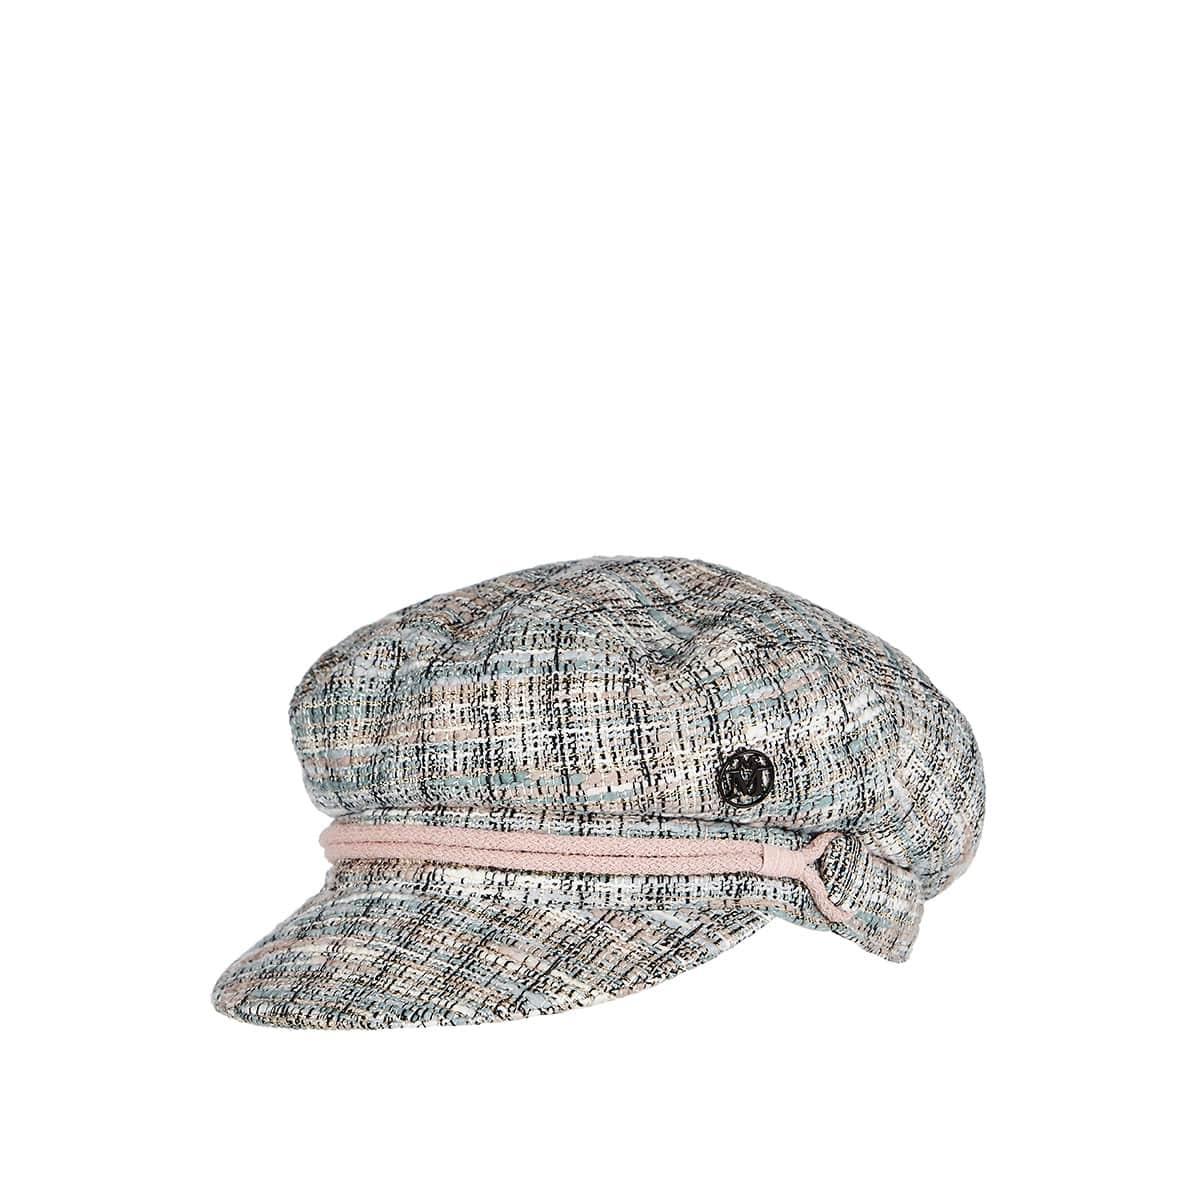 New Abby tweed cap